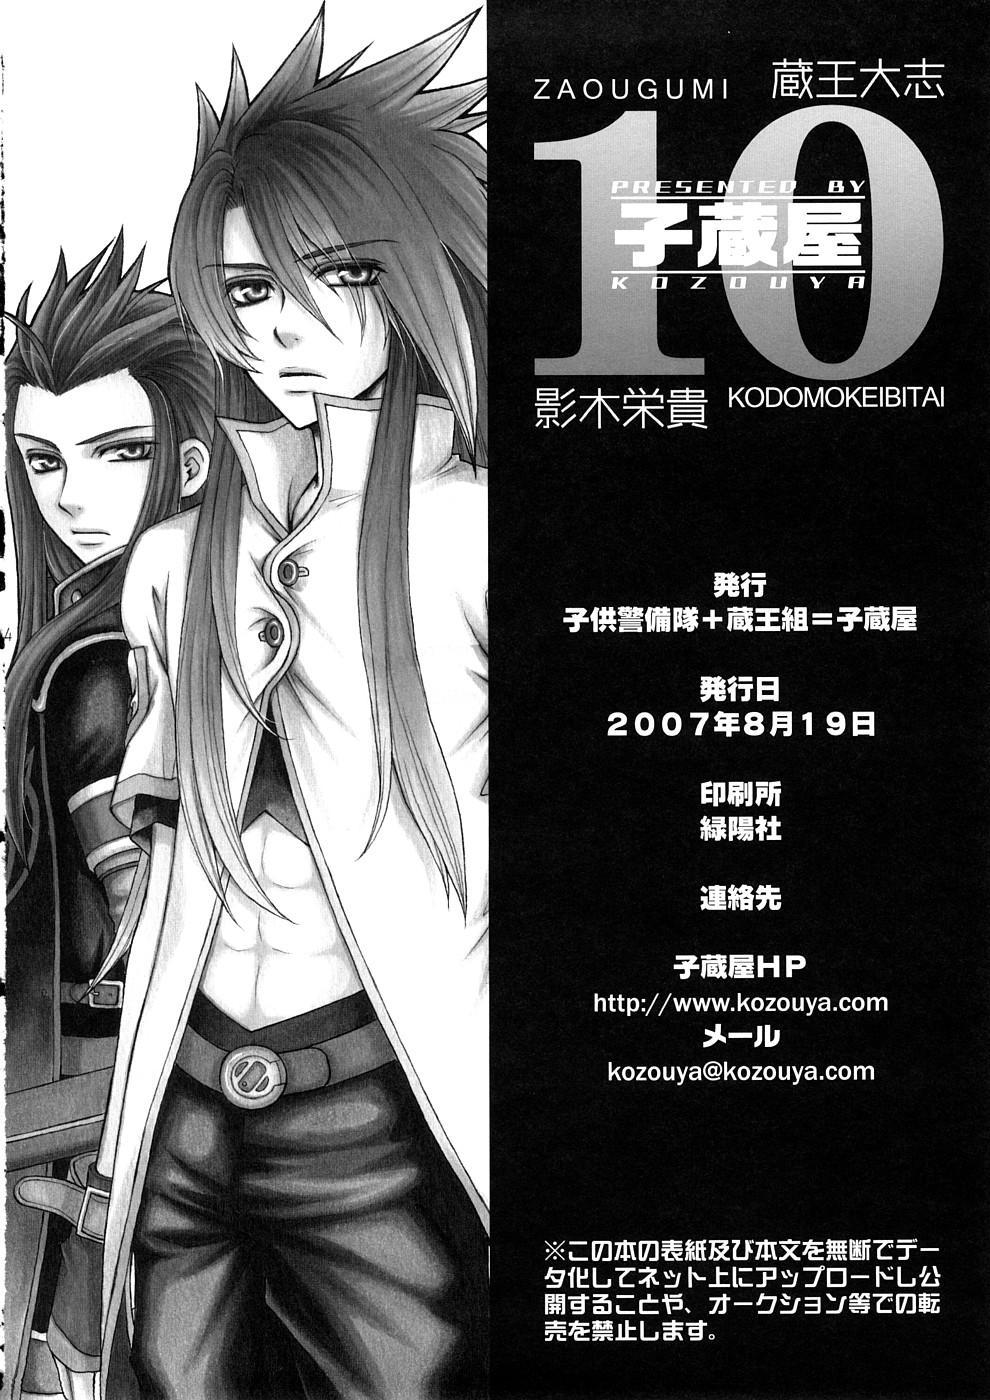 Kozouya Dokuhon MIX 70